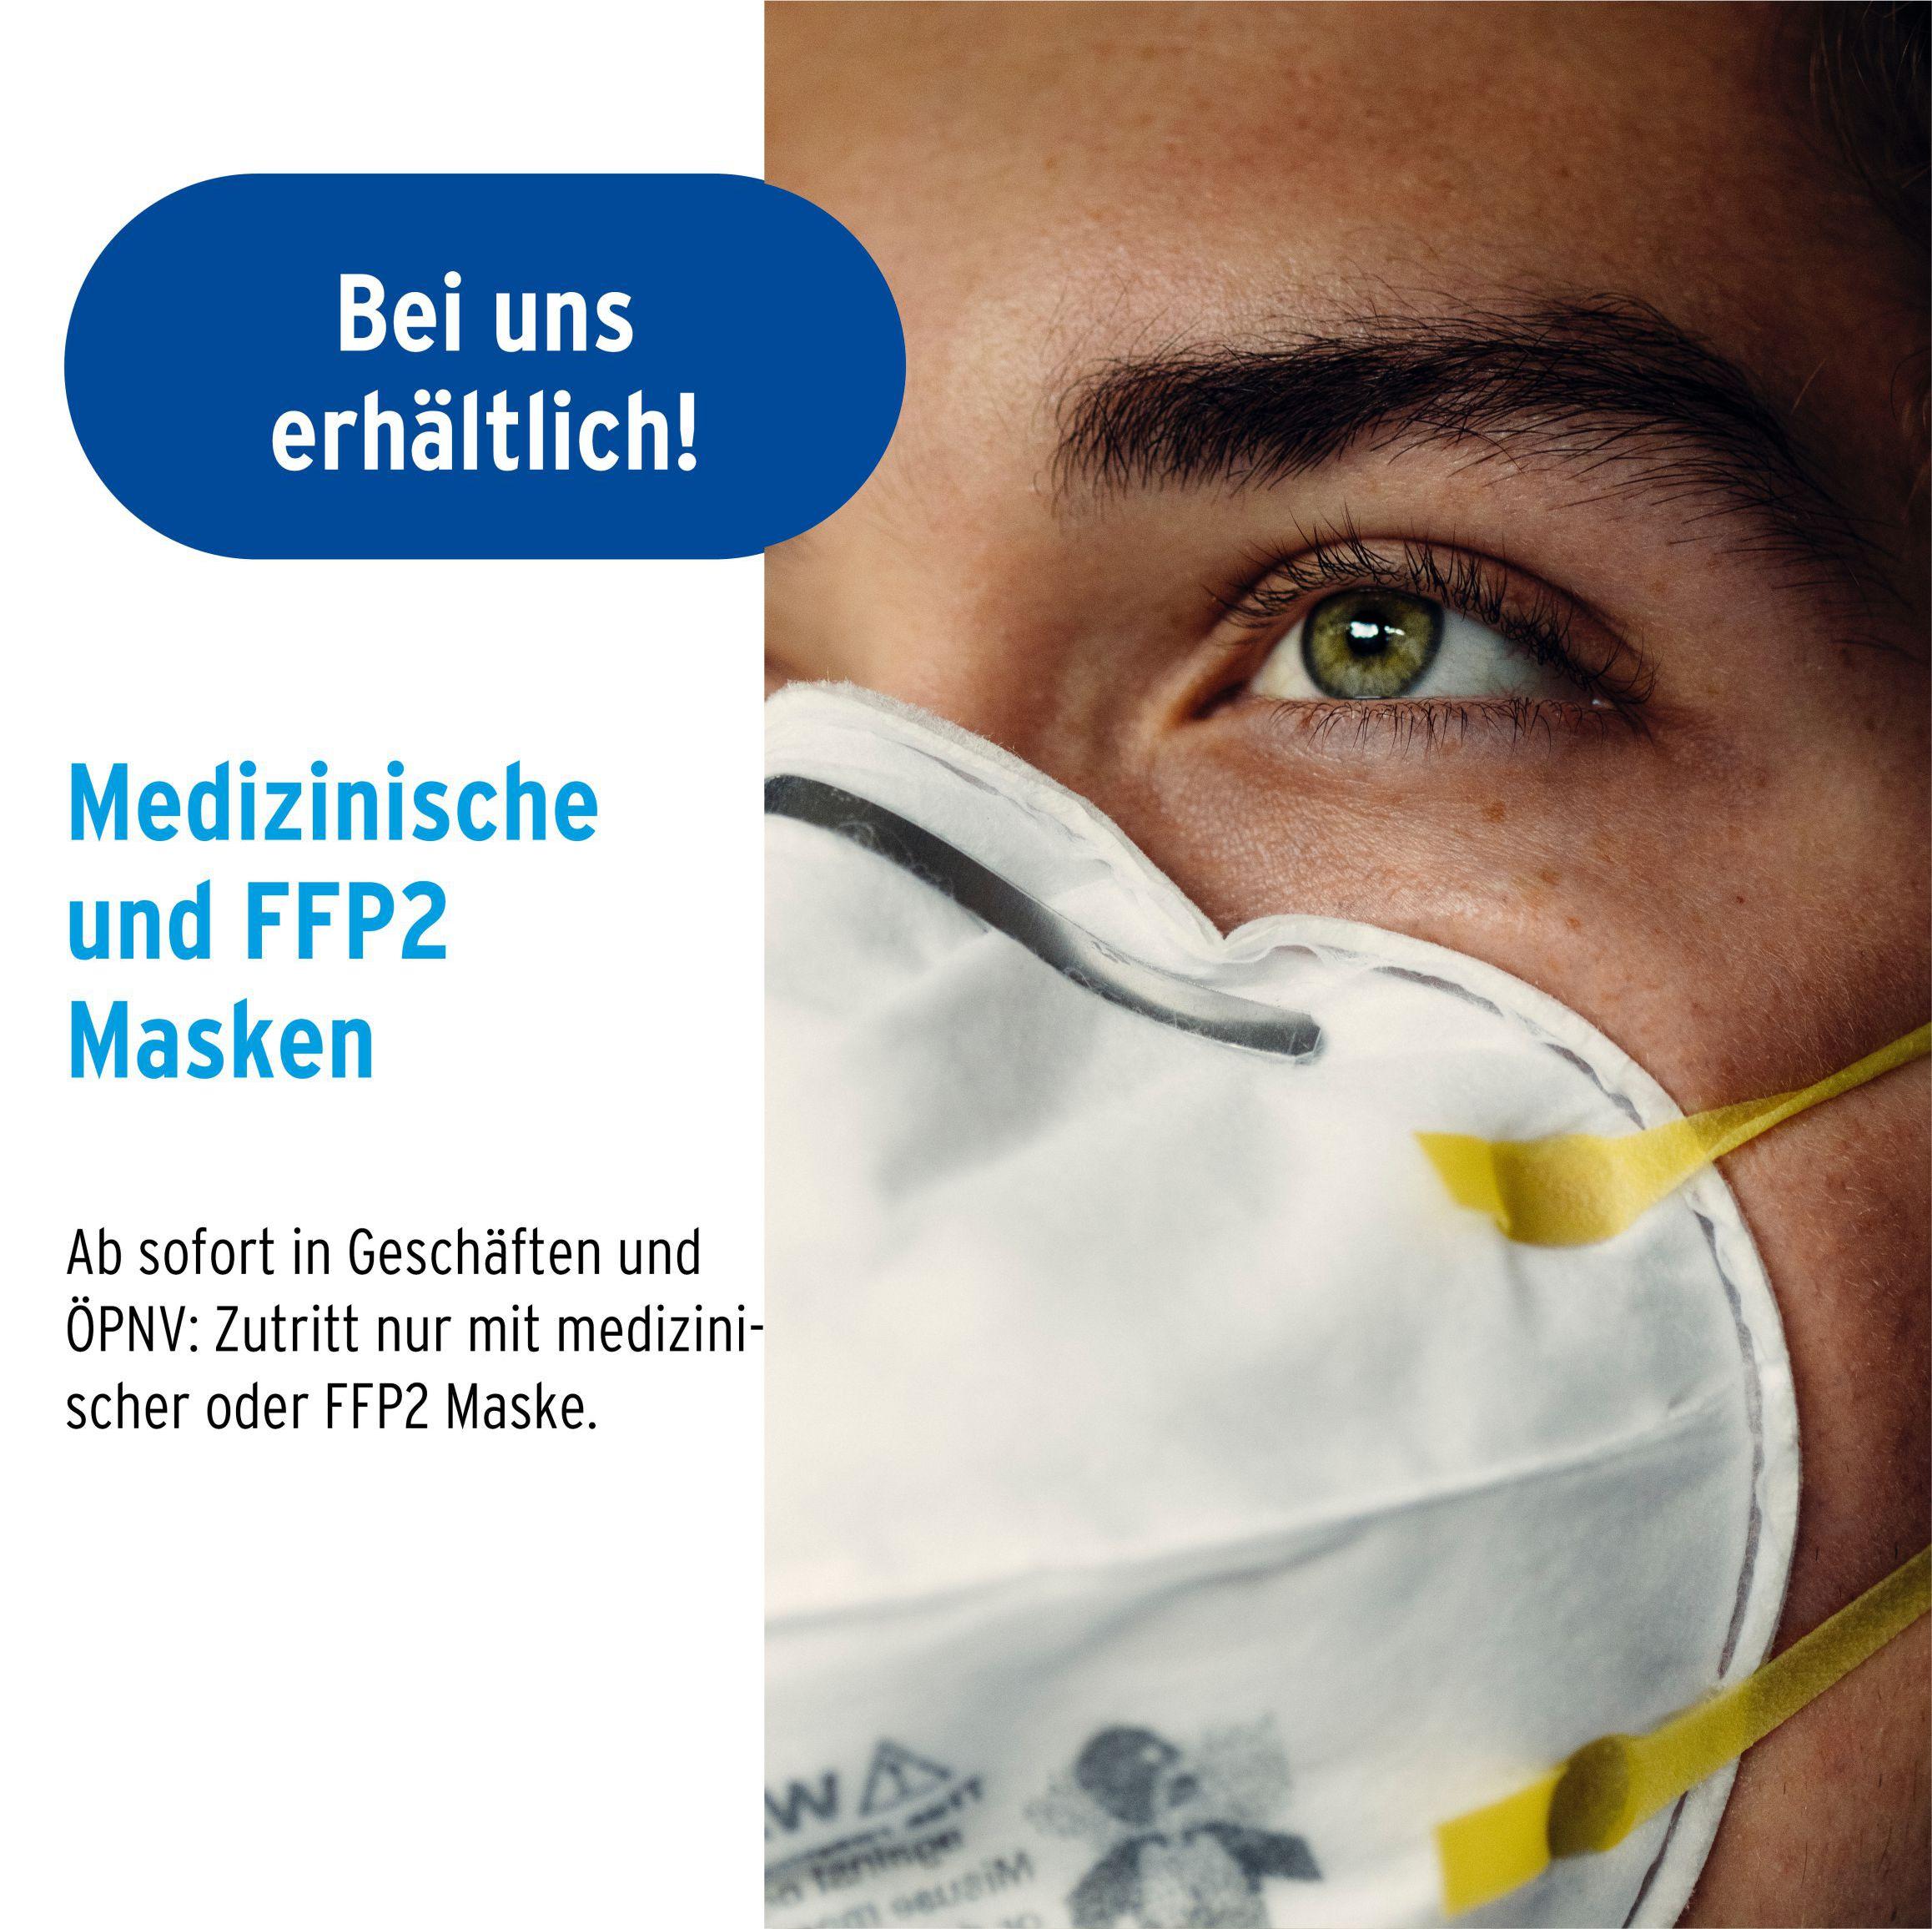 FFP2- und medizinische Masken